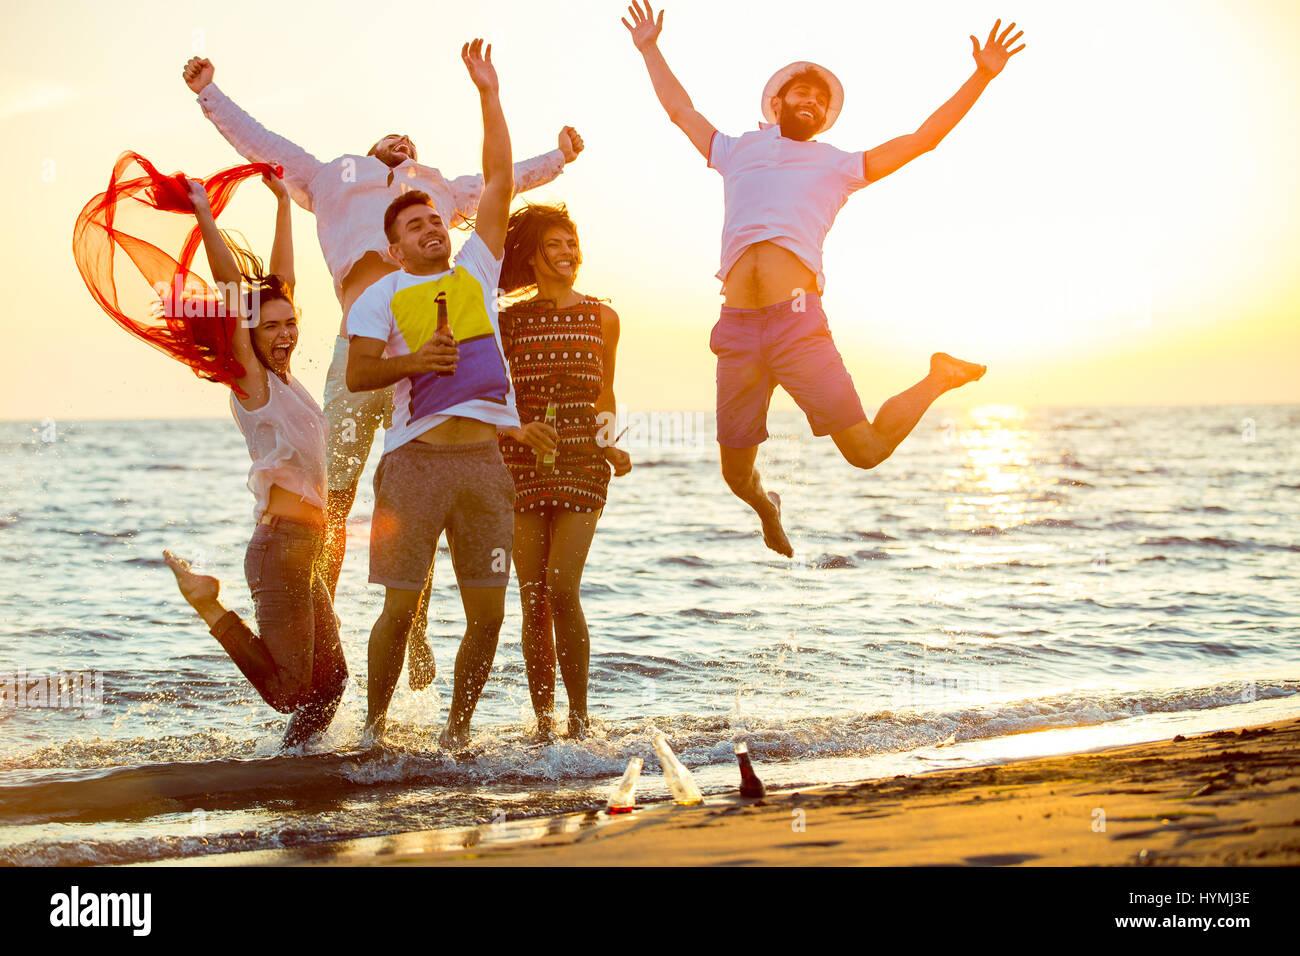 Un gruppo di giovani felici hanno balli sulla spiaggia il bellissimo tramonto estivo Immagini Stock